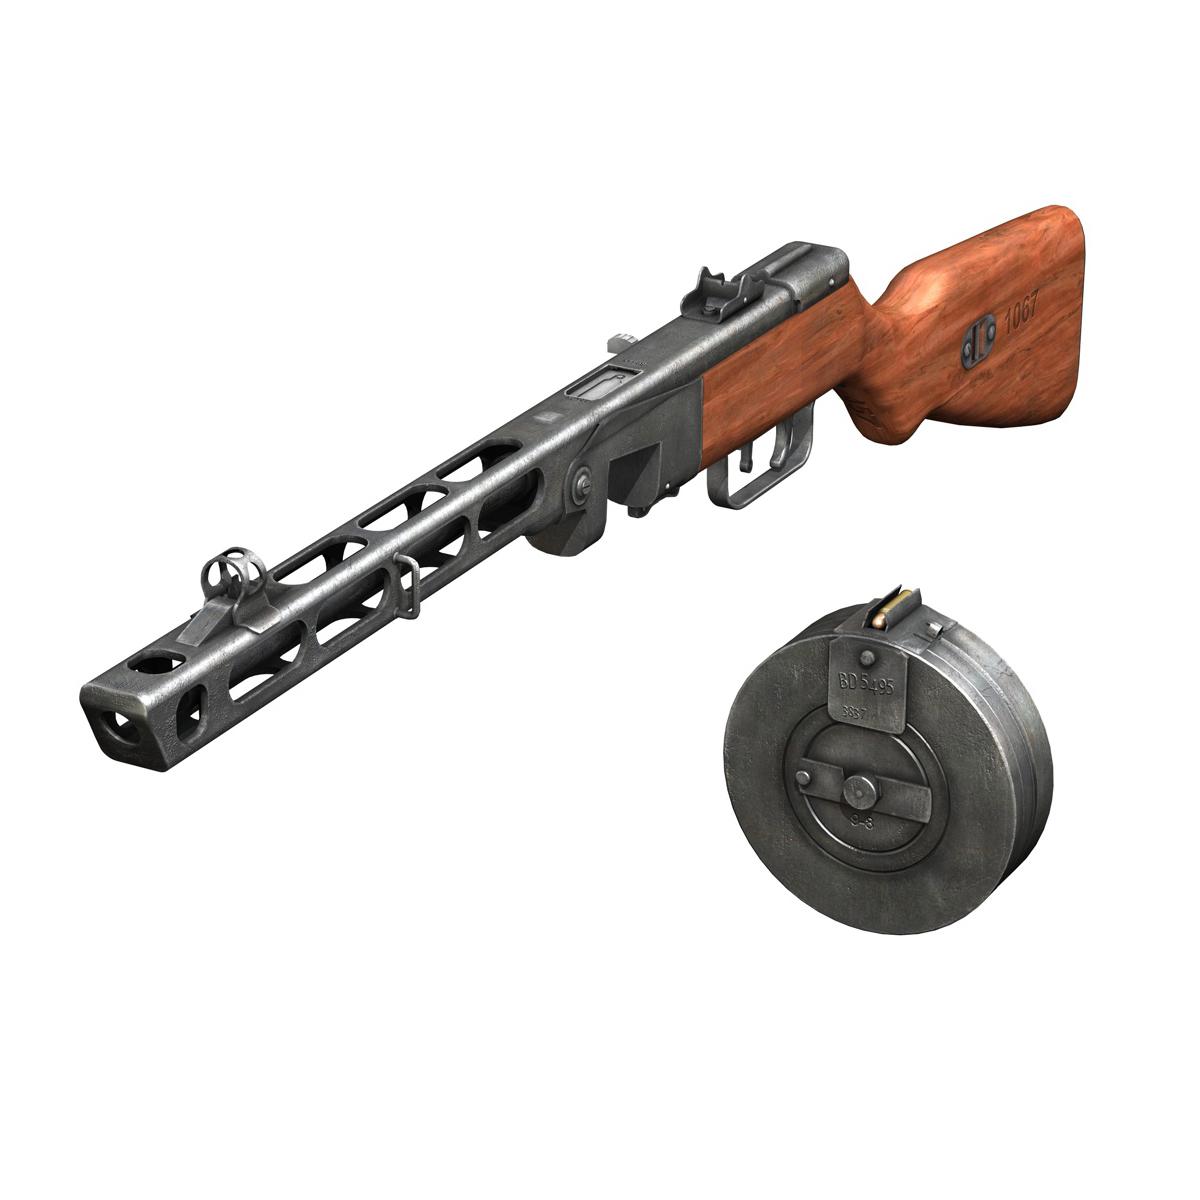 ppsh-41 – soviet submachine gun 3d model 3ds fbx c4d lwo obj 196958